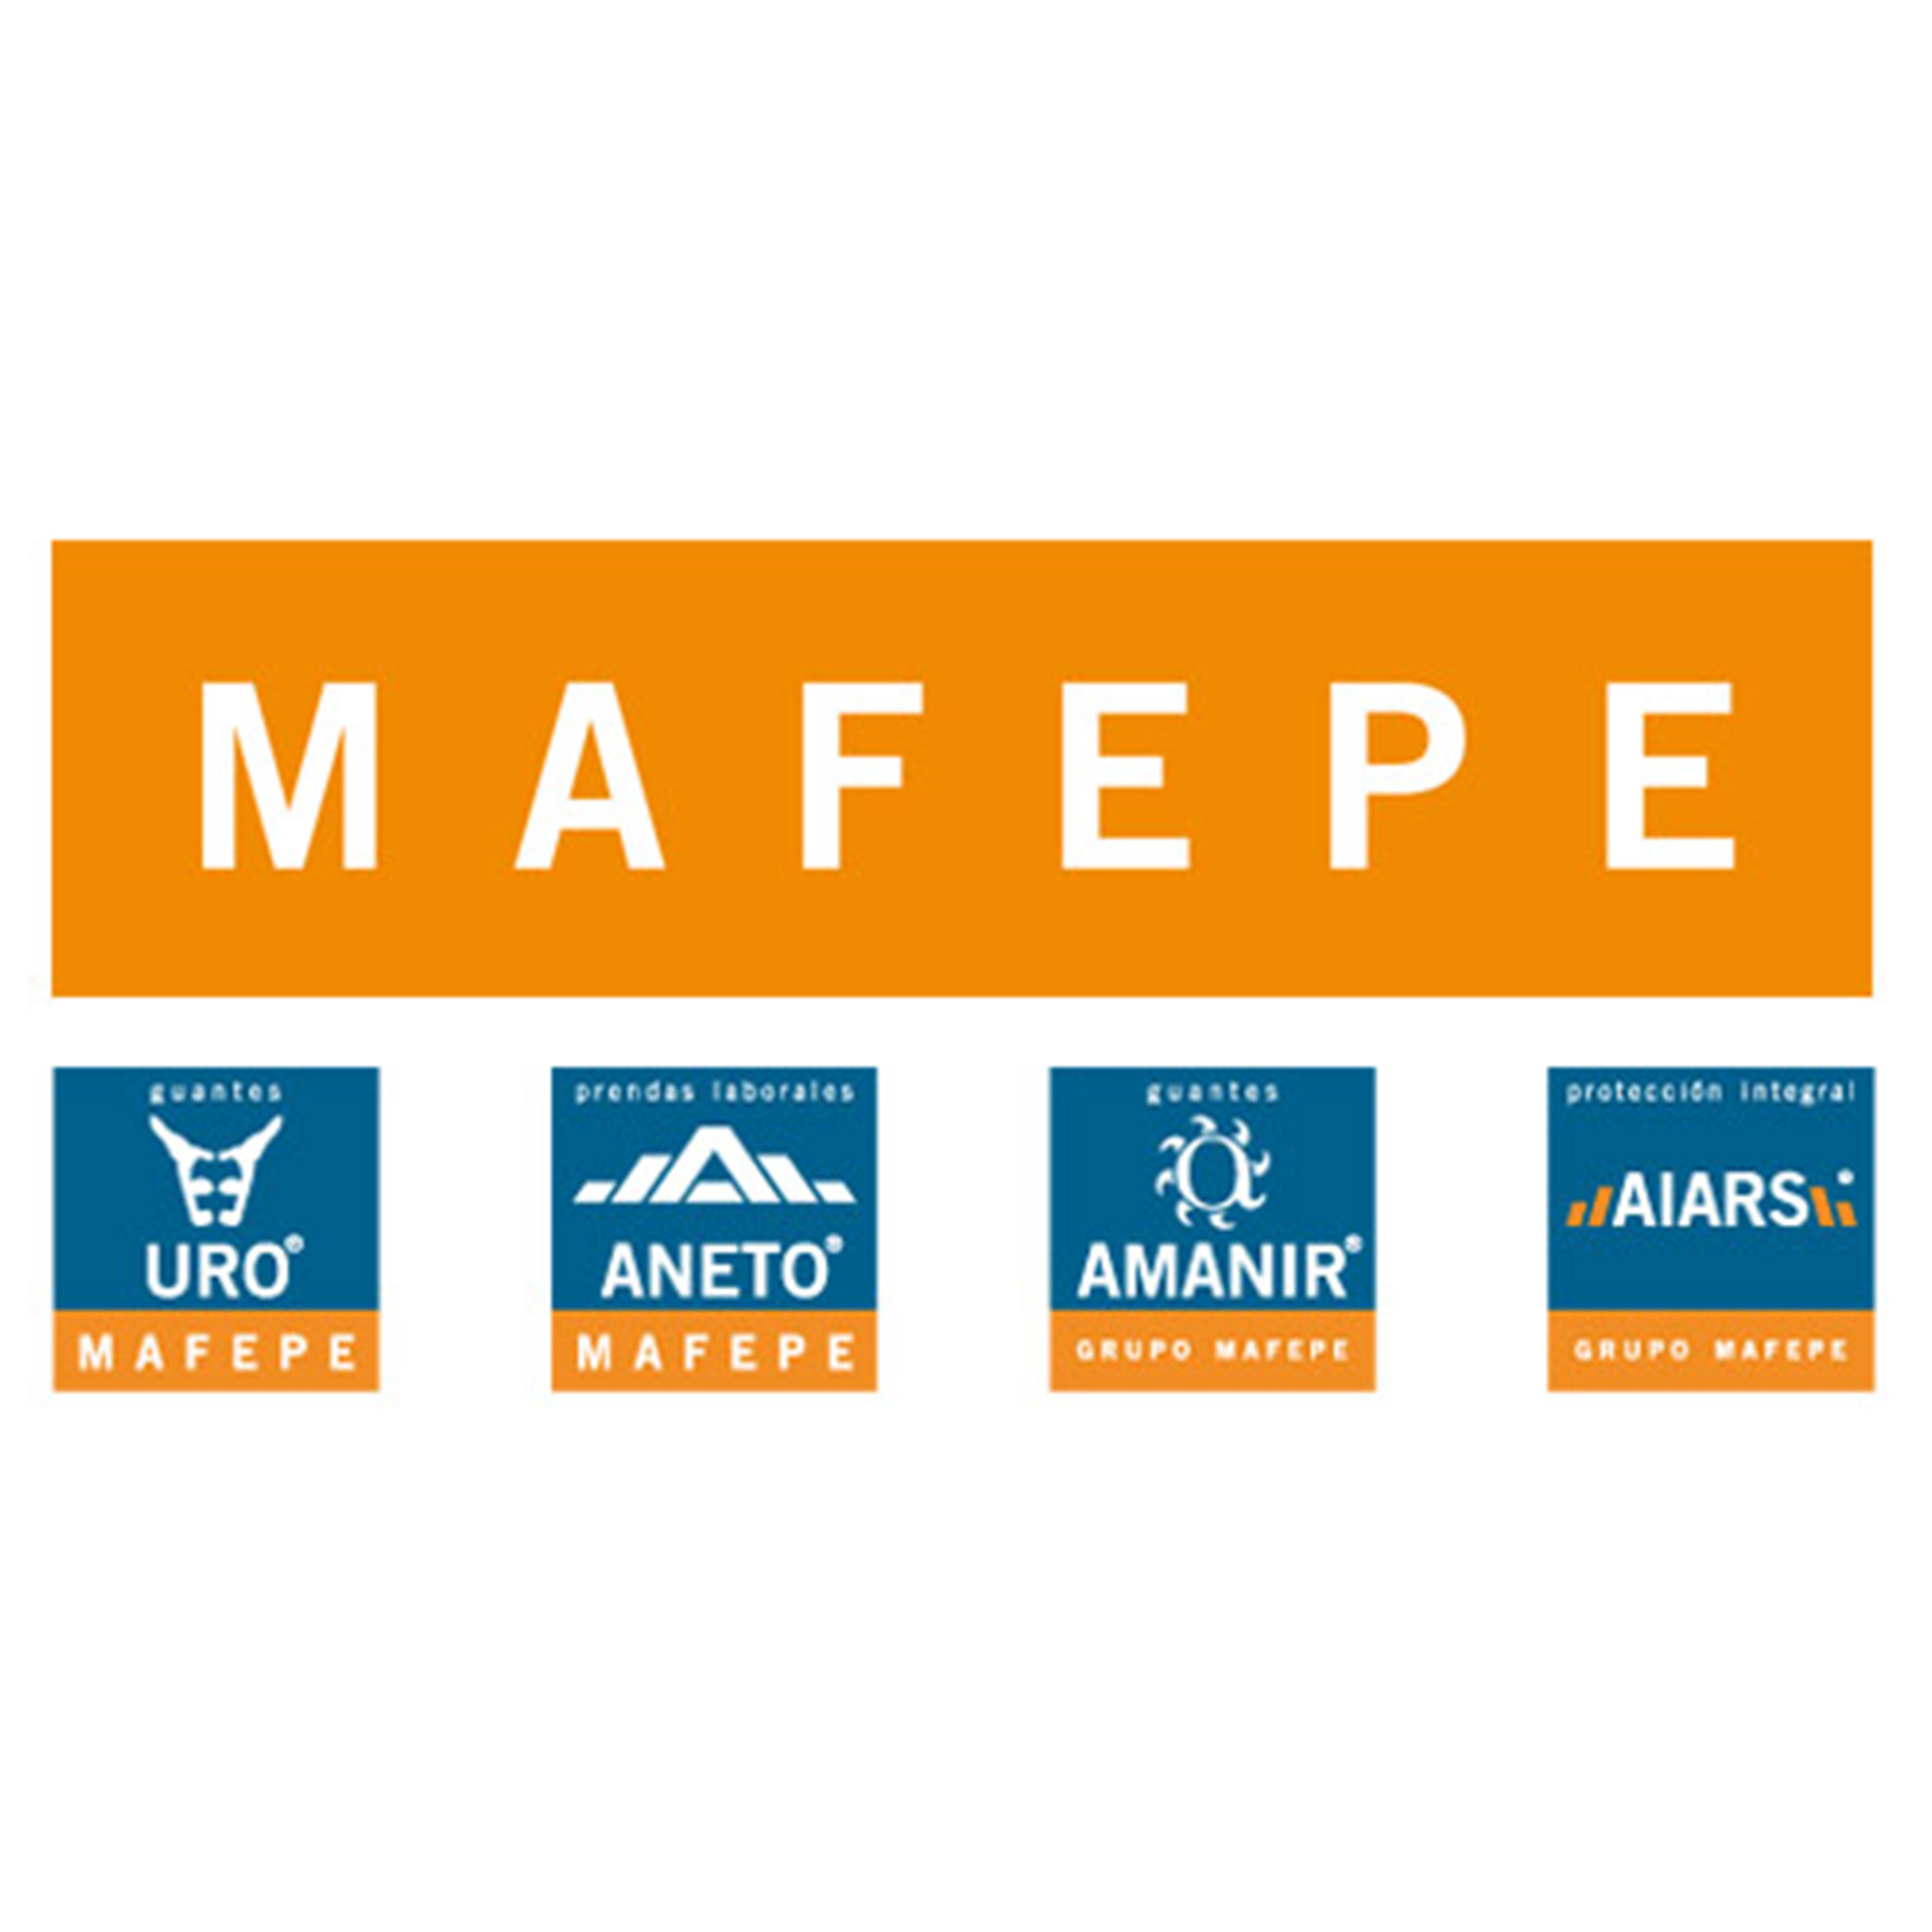 Mafepe